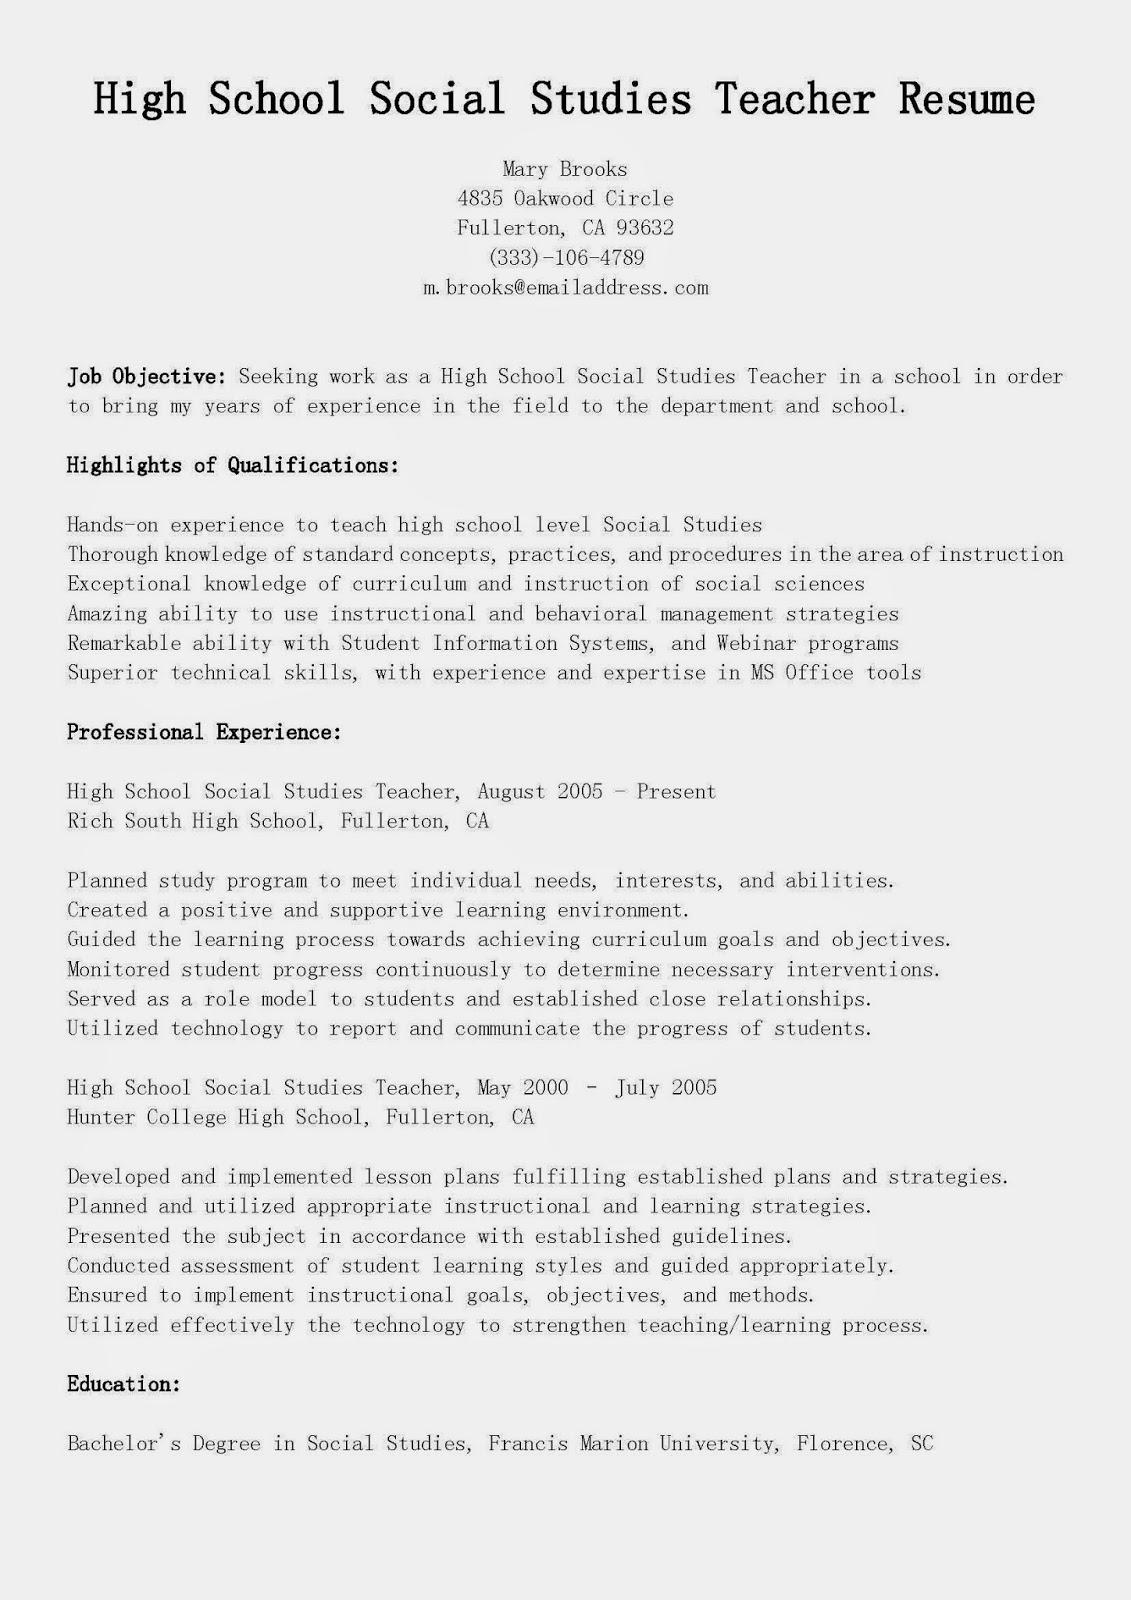 resume samples  high school social studies teacher resume sample